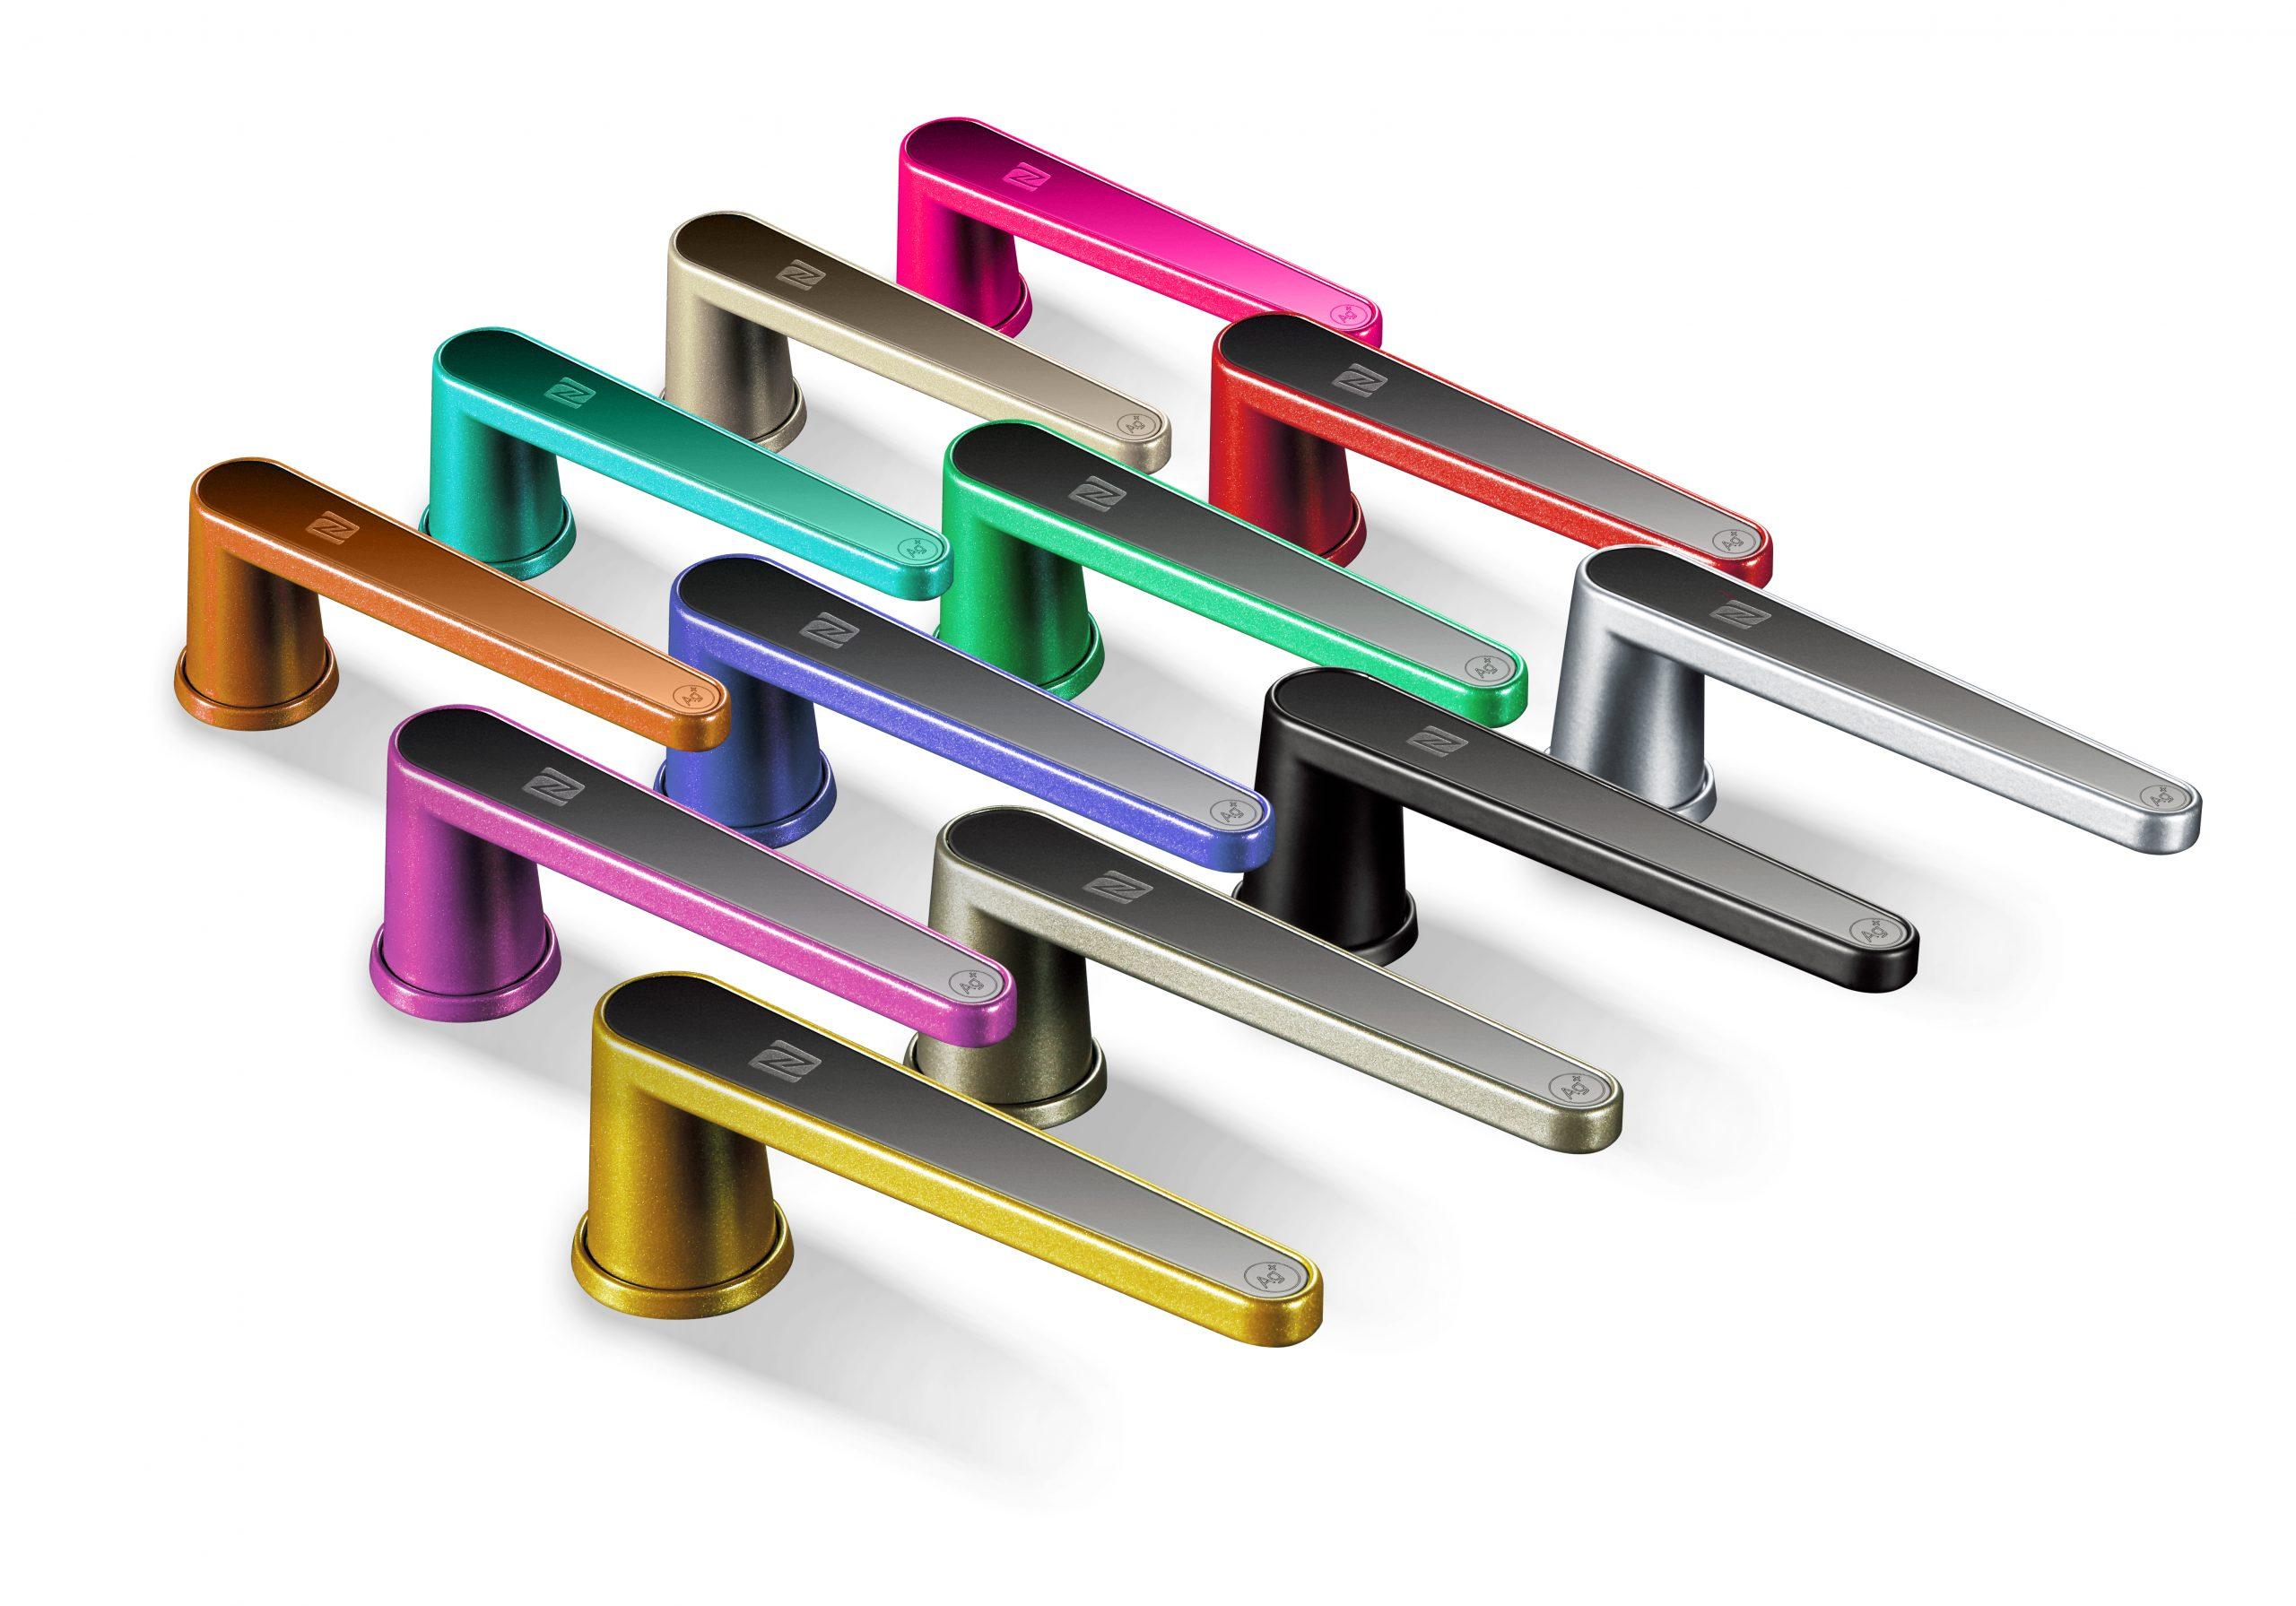 Manillas Joe rales para ventanas Aluminio y PVC